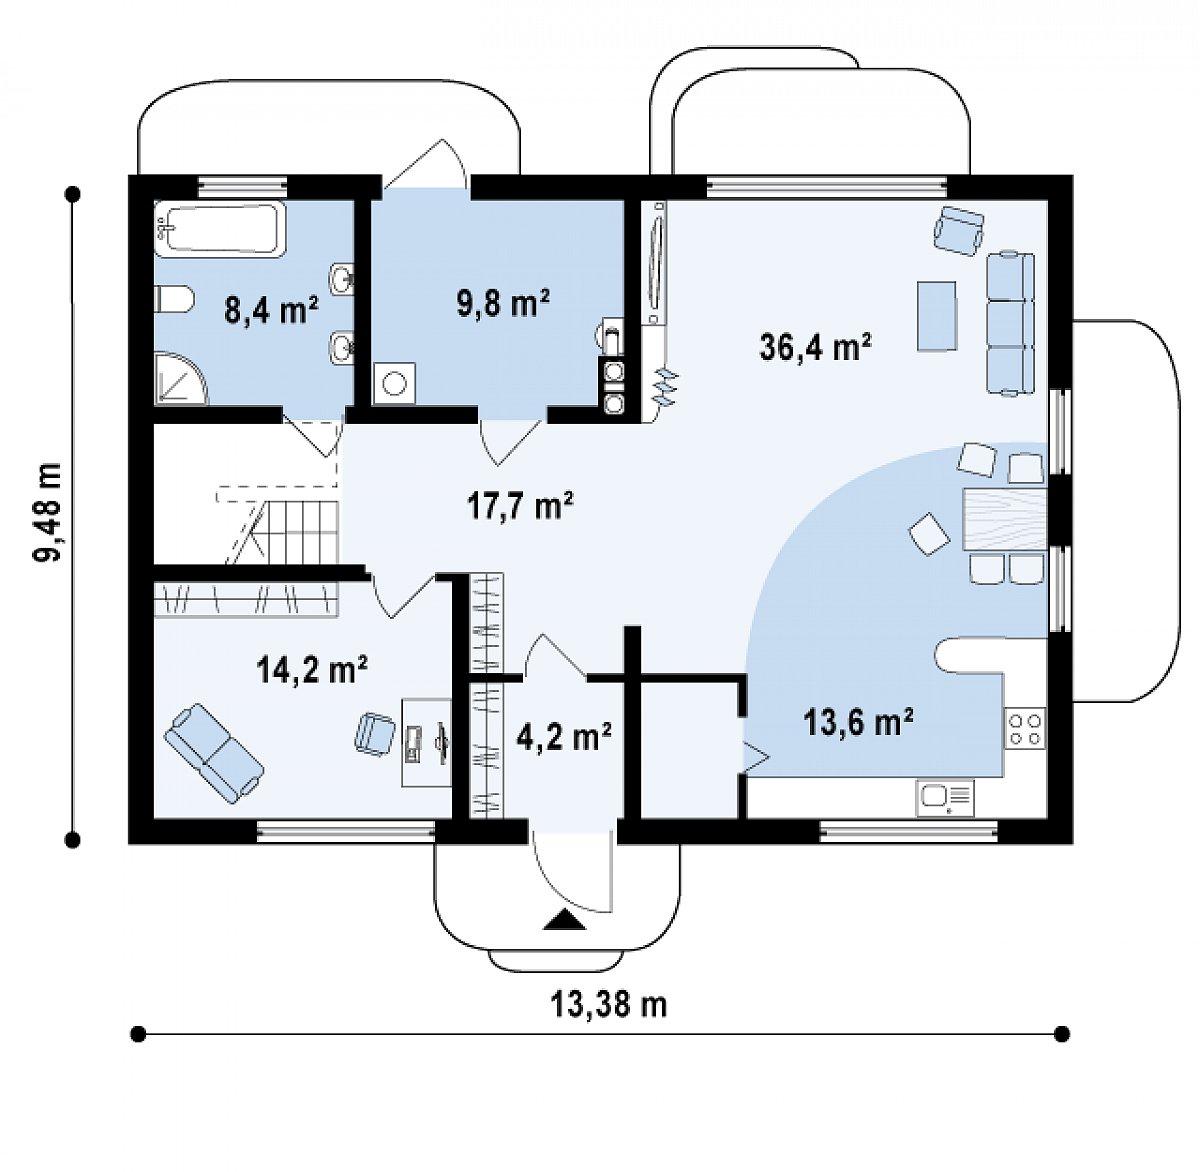 Первый этаж 104,3м² дома Zx11